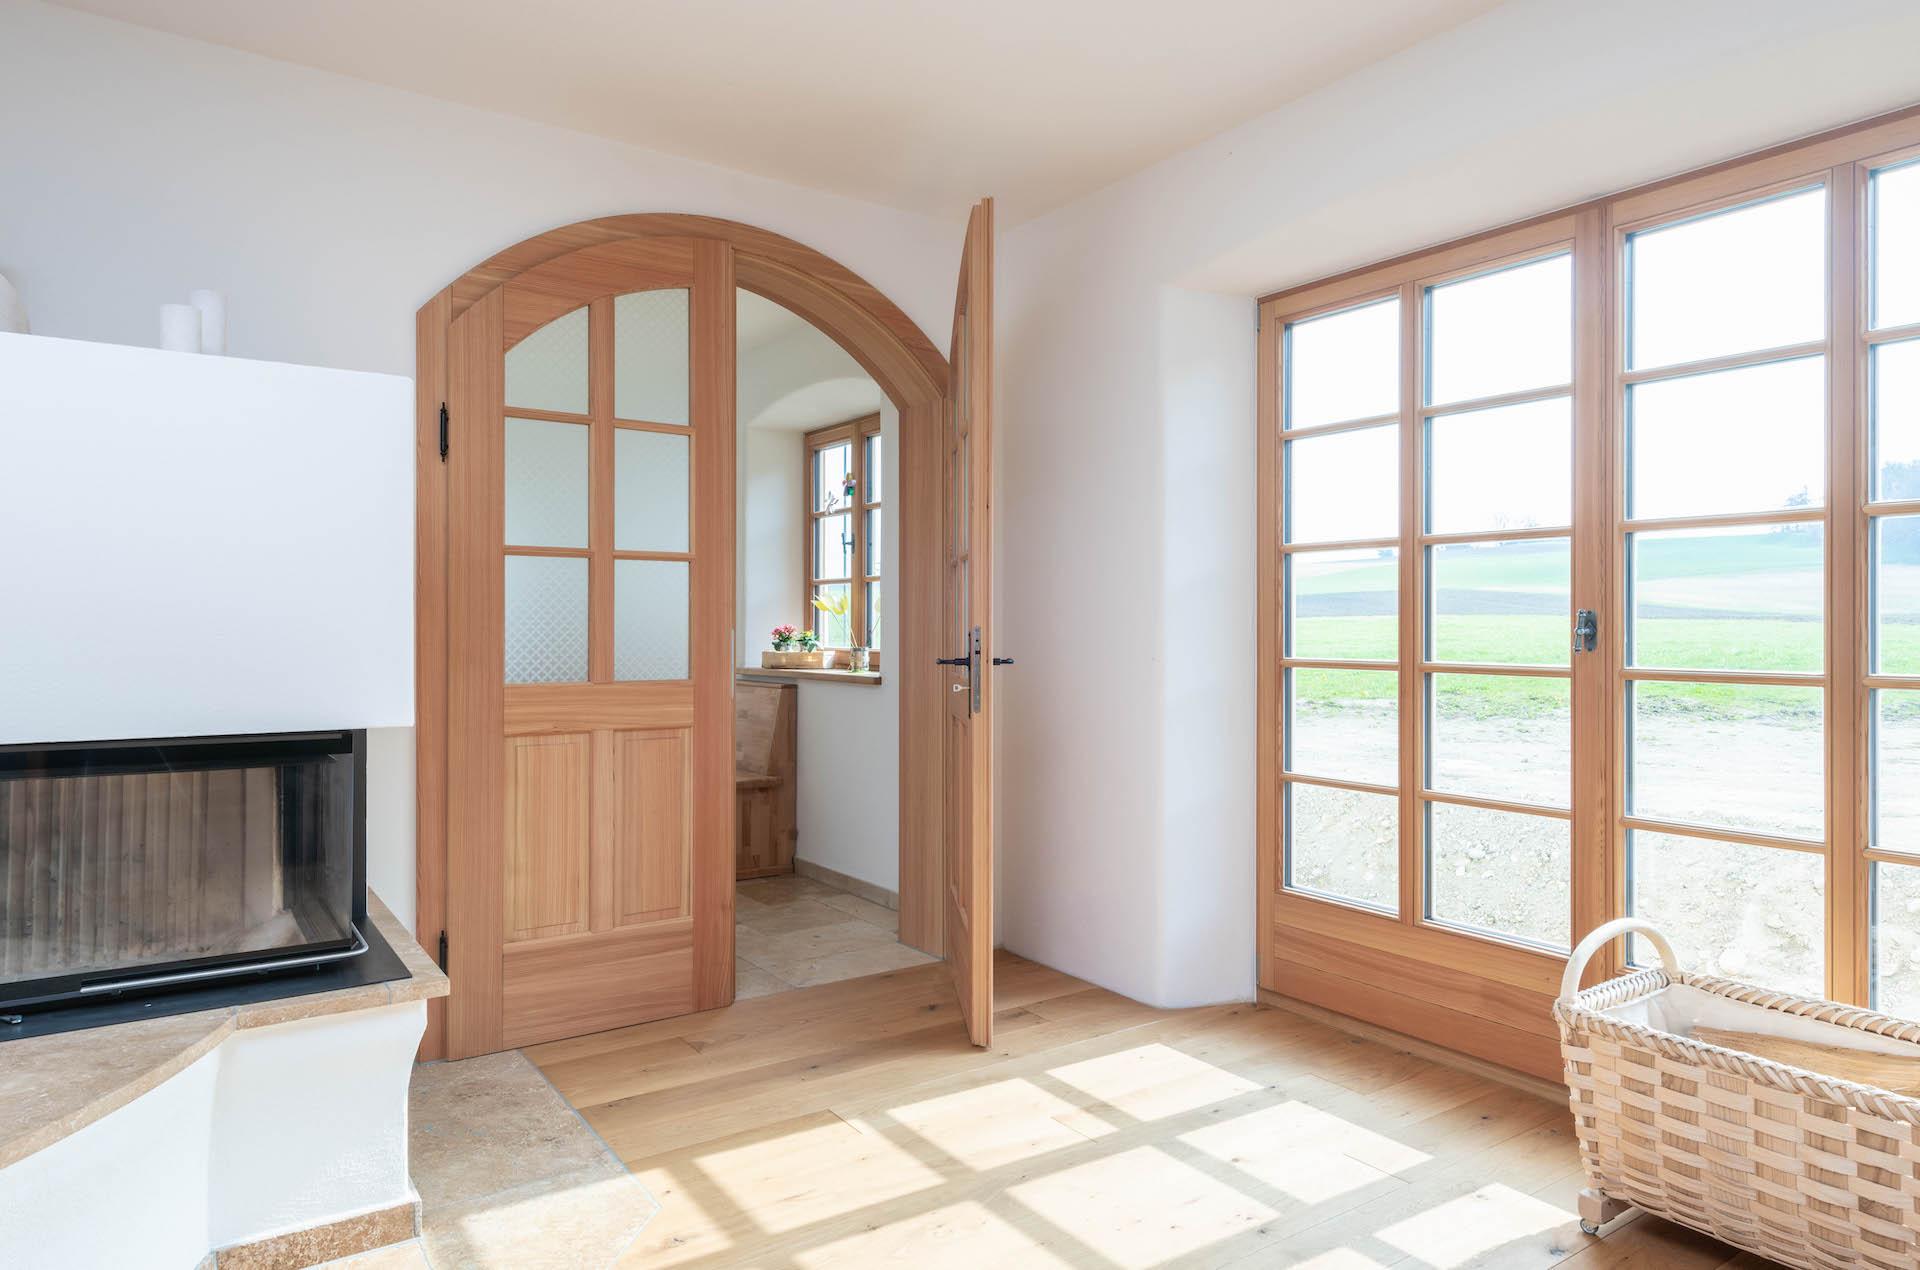 Ein Haus mit Türen wie Maßschuhe